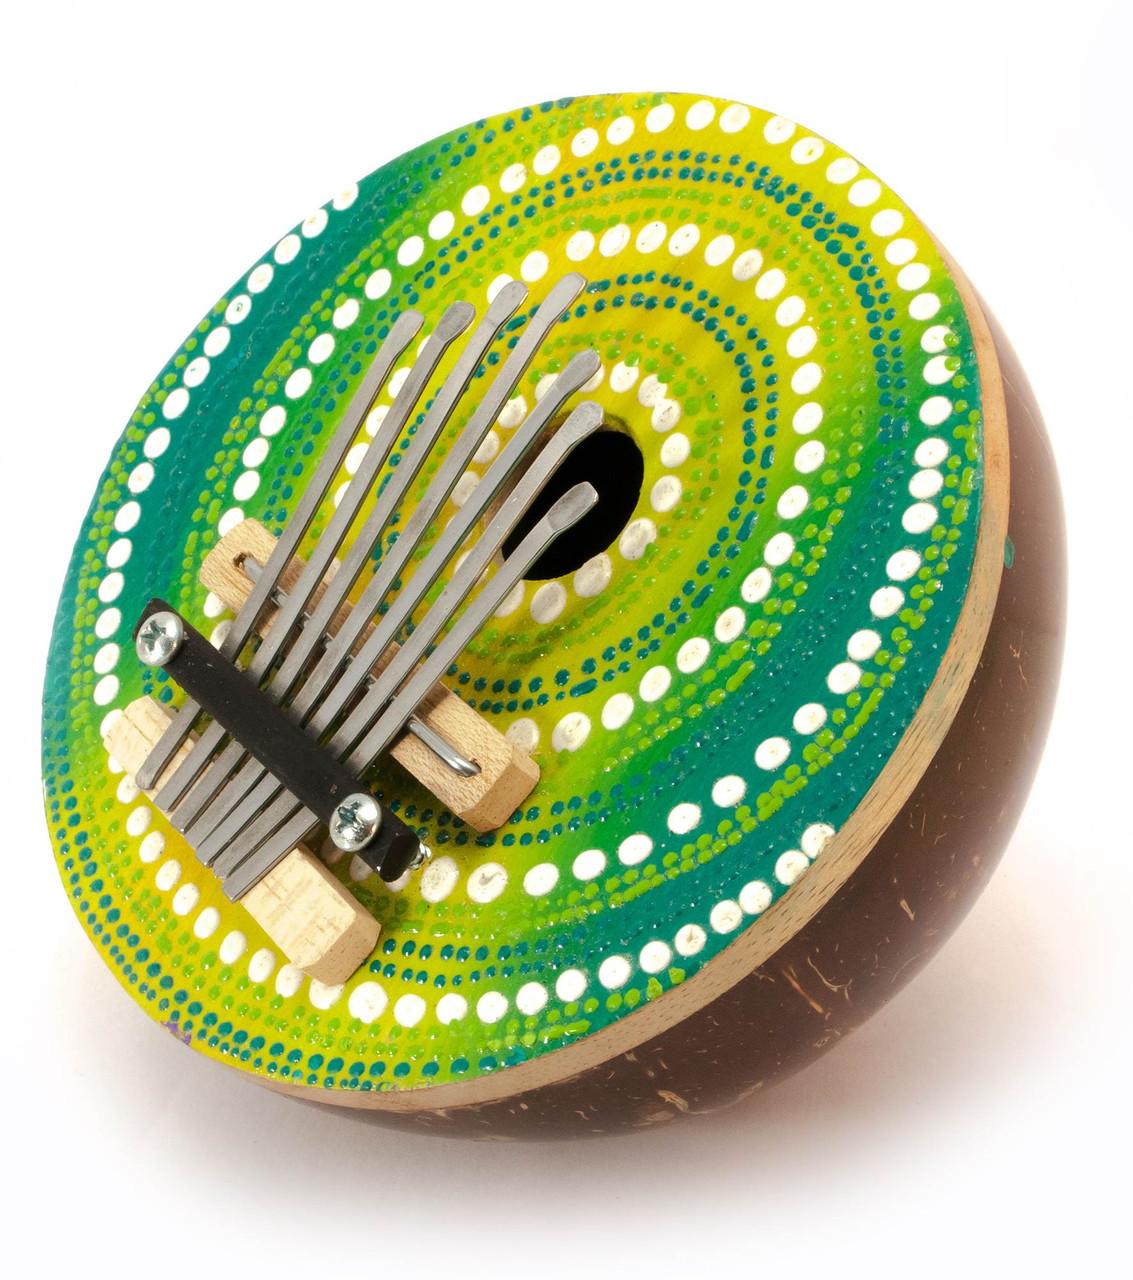 Калимба музыкальный инструмент